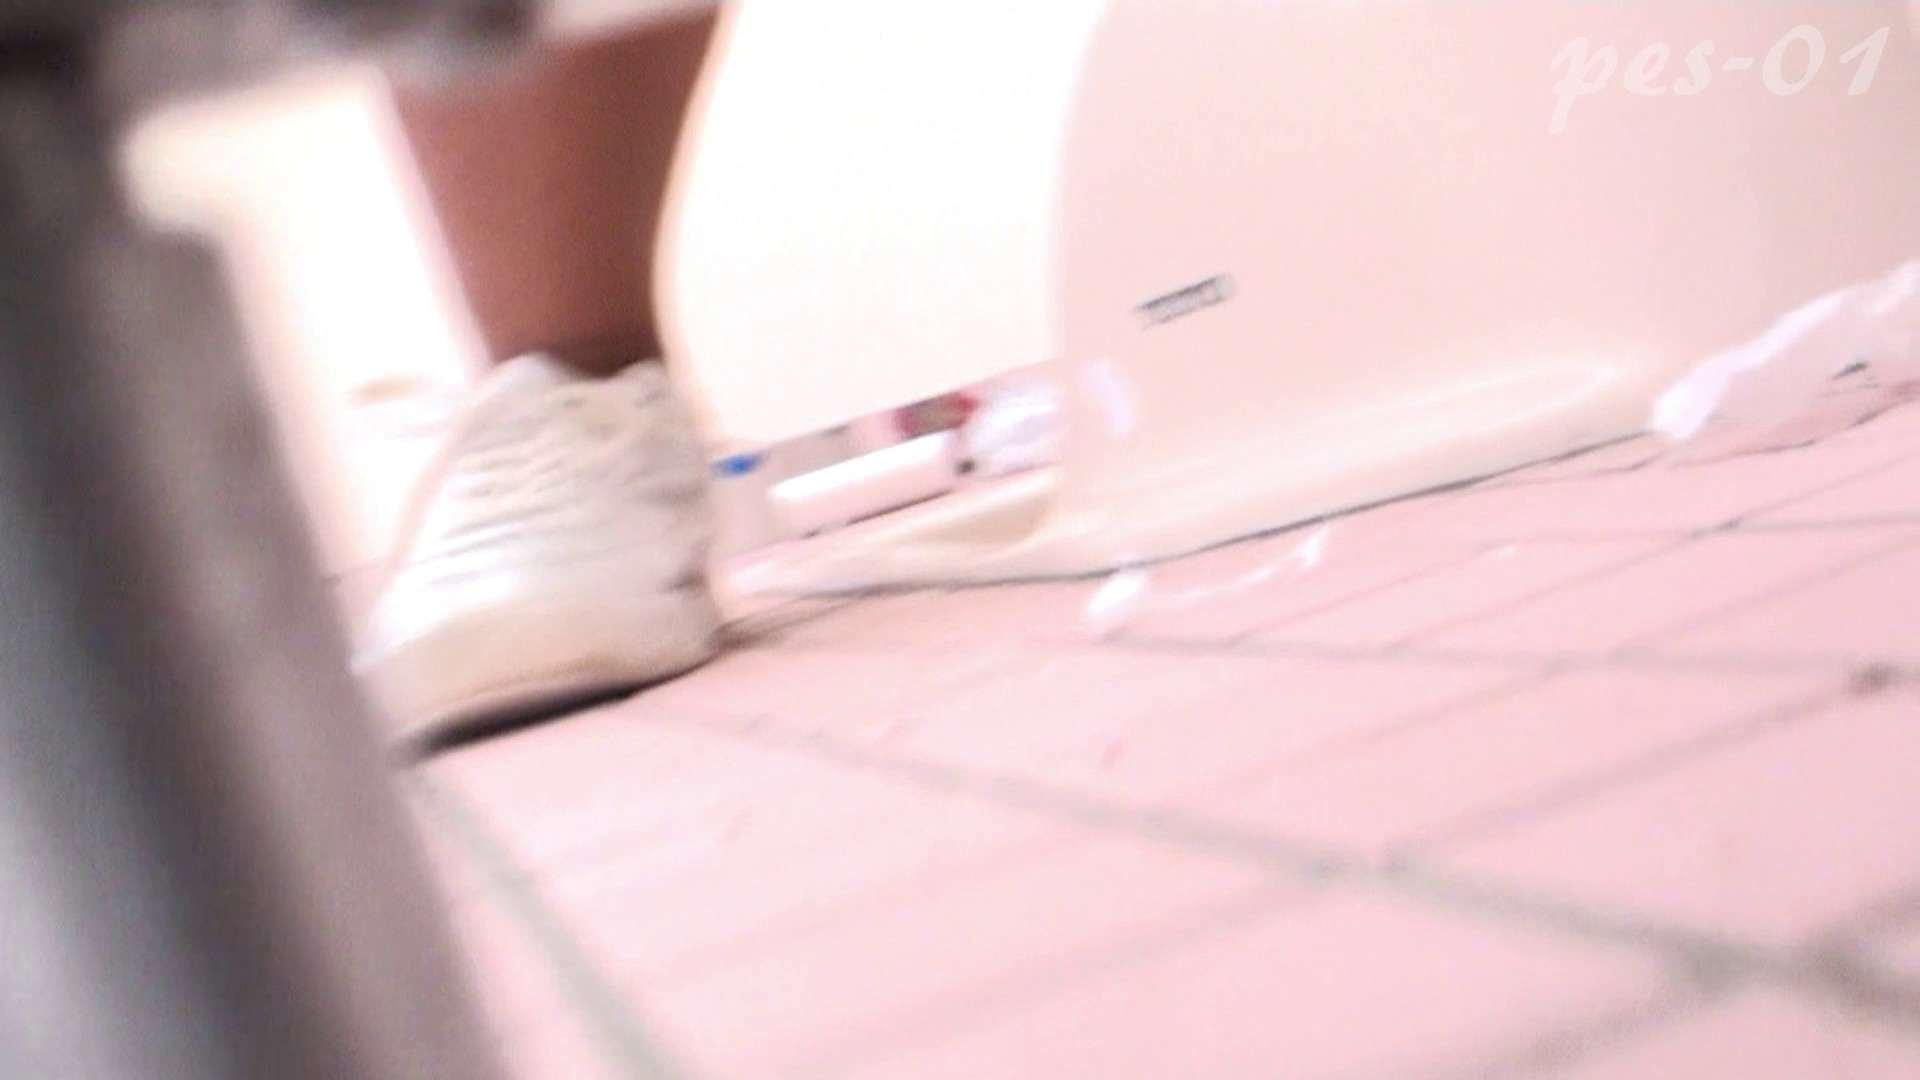 ※100個限定販売 至高下半身盗撮-プレミアム-【体育館編】VOL.1 盗撮 AV無料動画キャプチャ 85pic 80